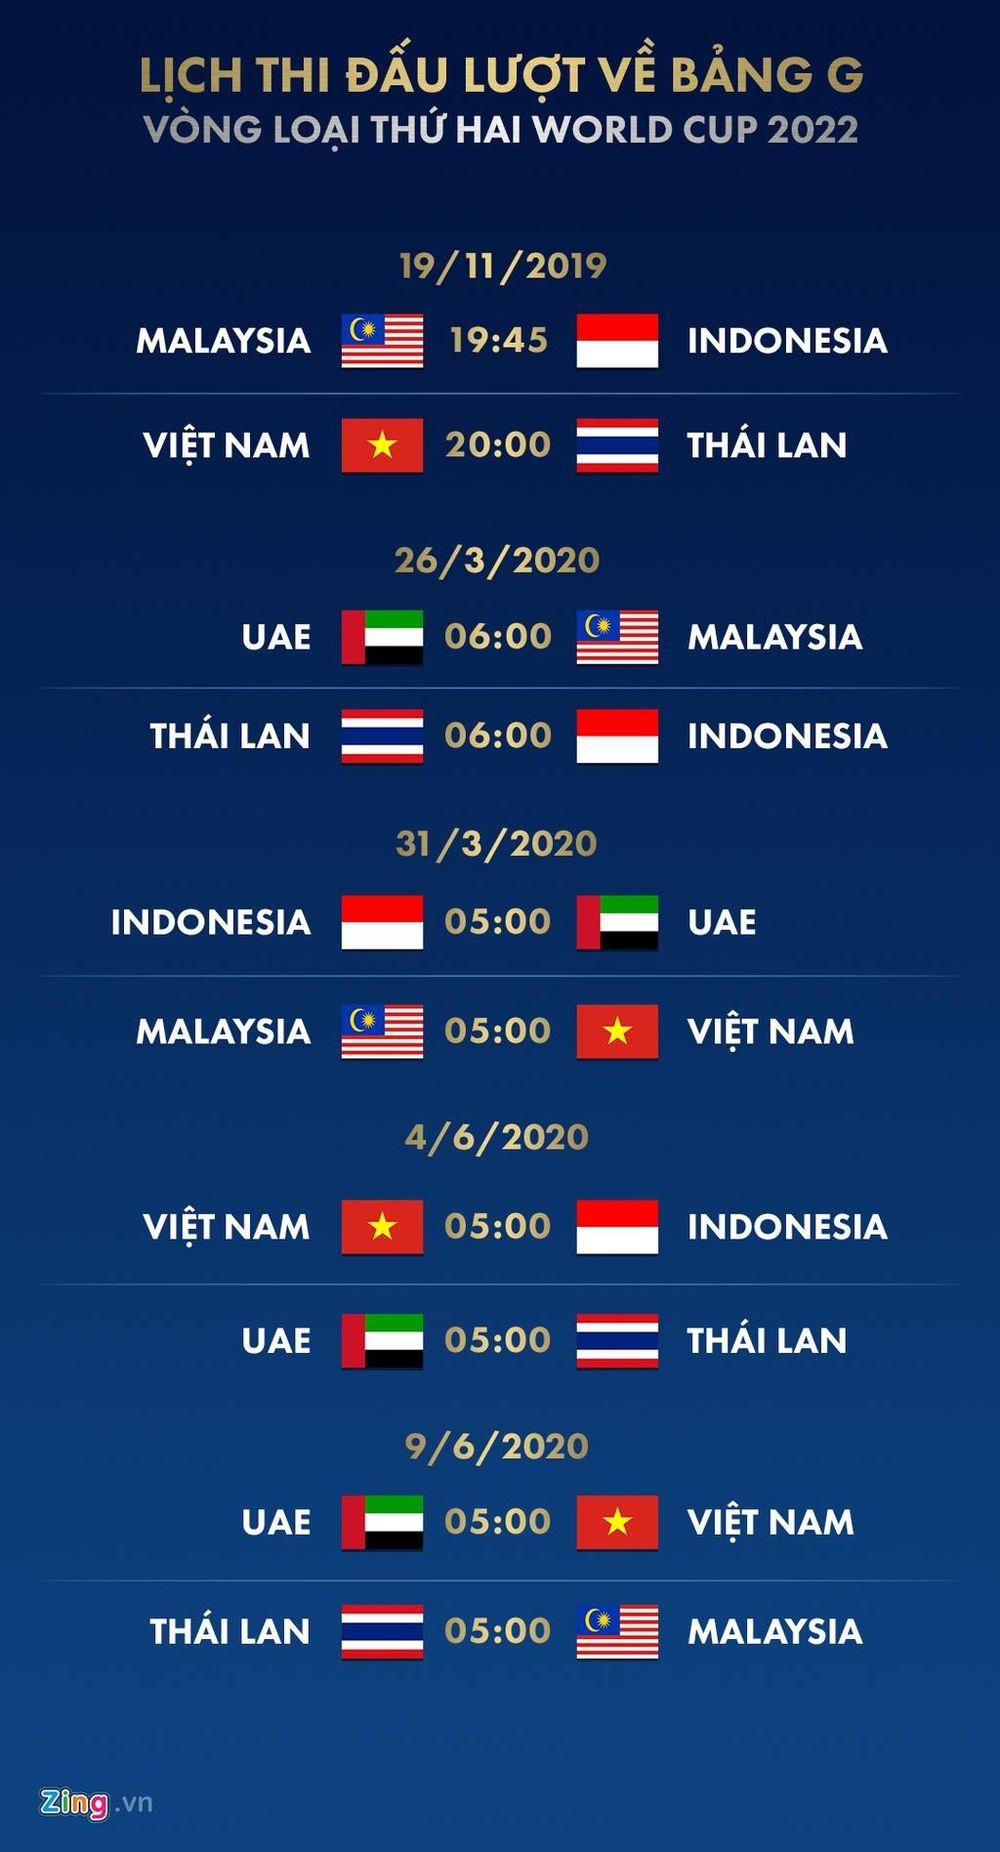 Lịch Thi đấu Vong Loại World Cup 2022 Việt Nam đối đầu Uae Zing Tri Thức Trực Tuyến